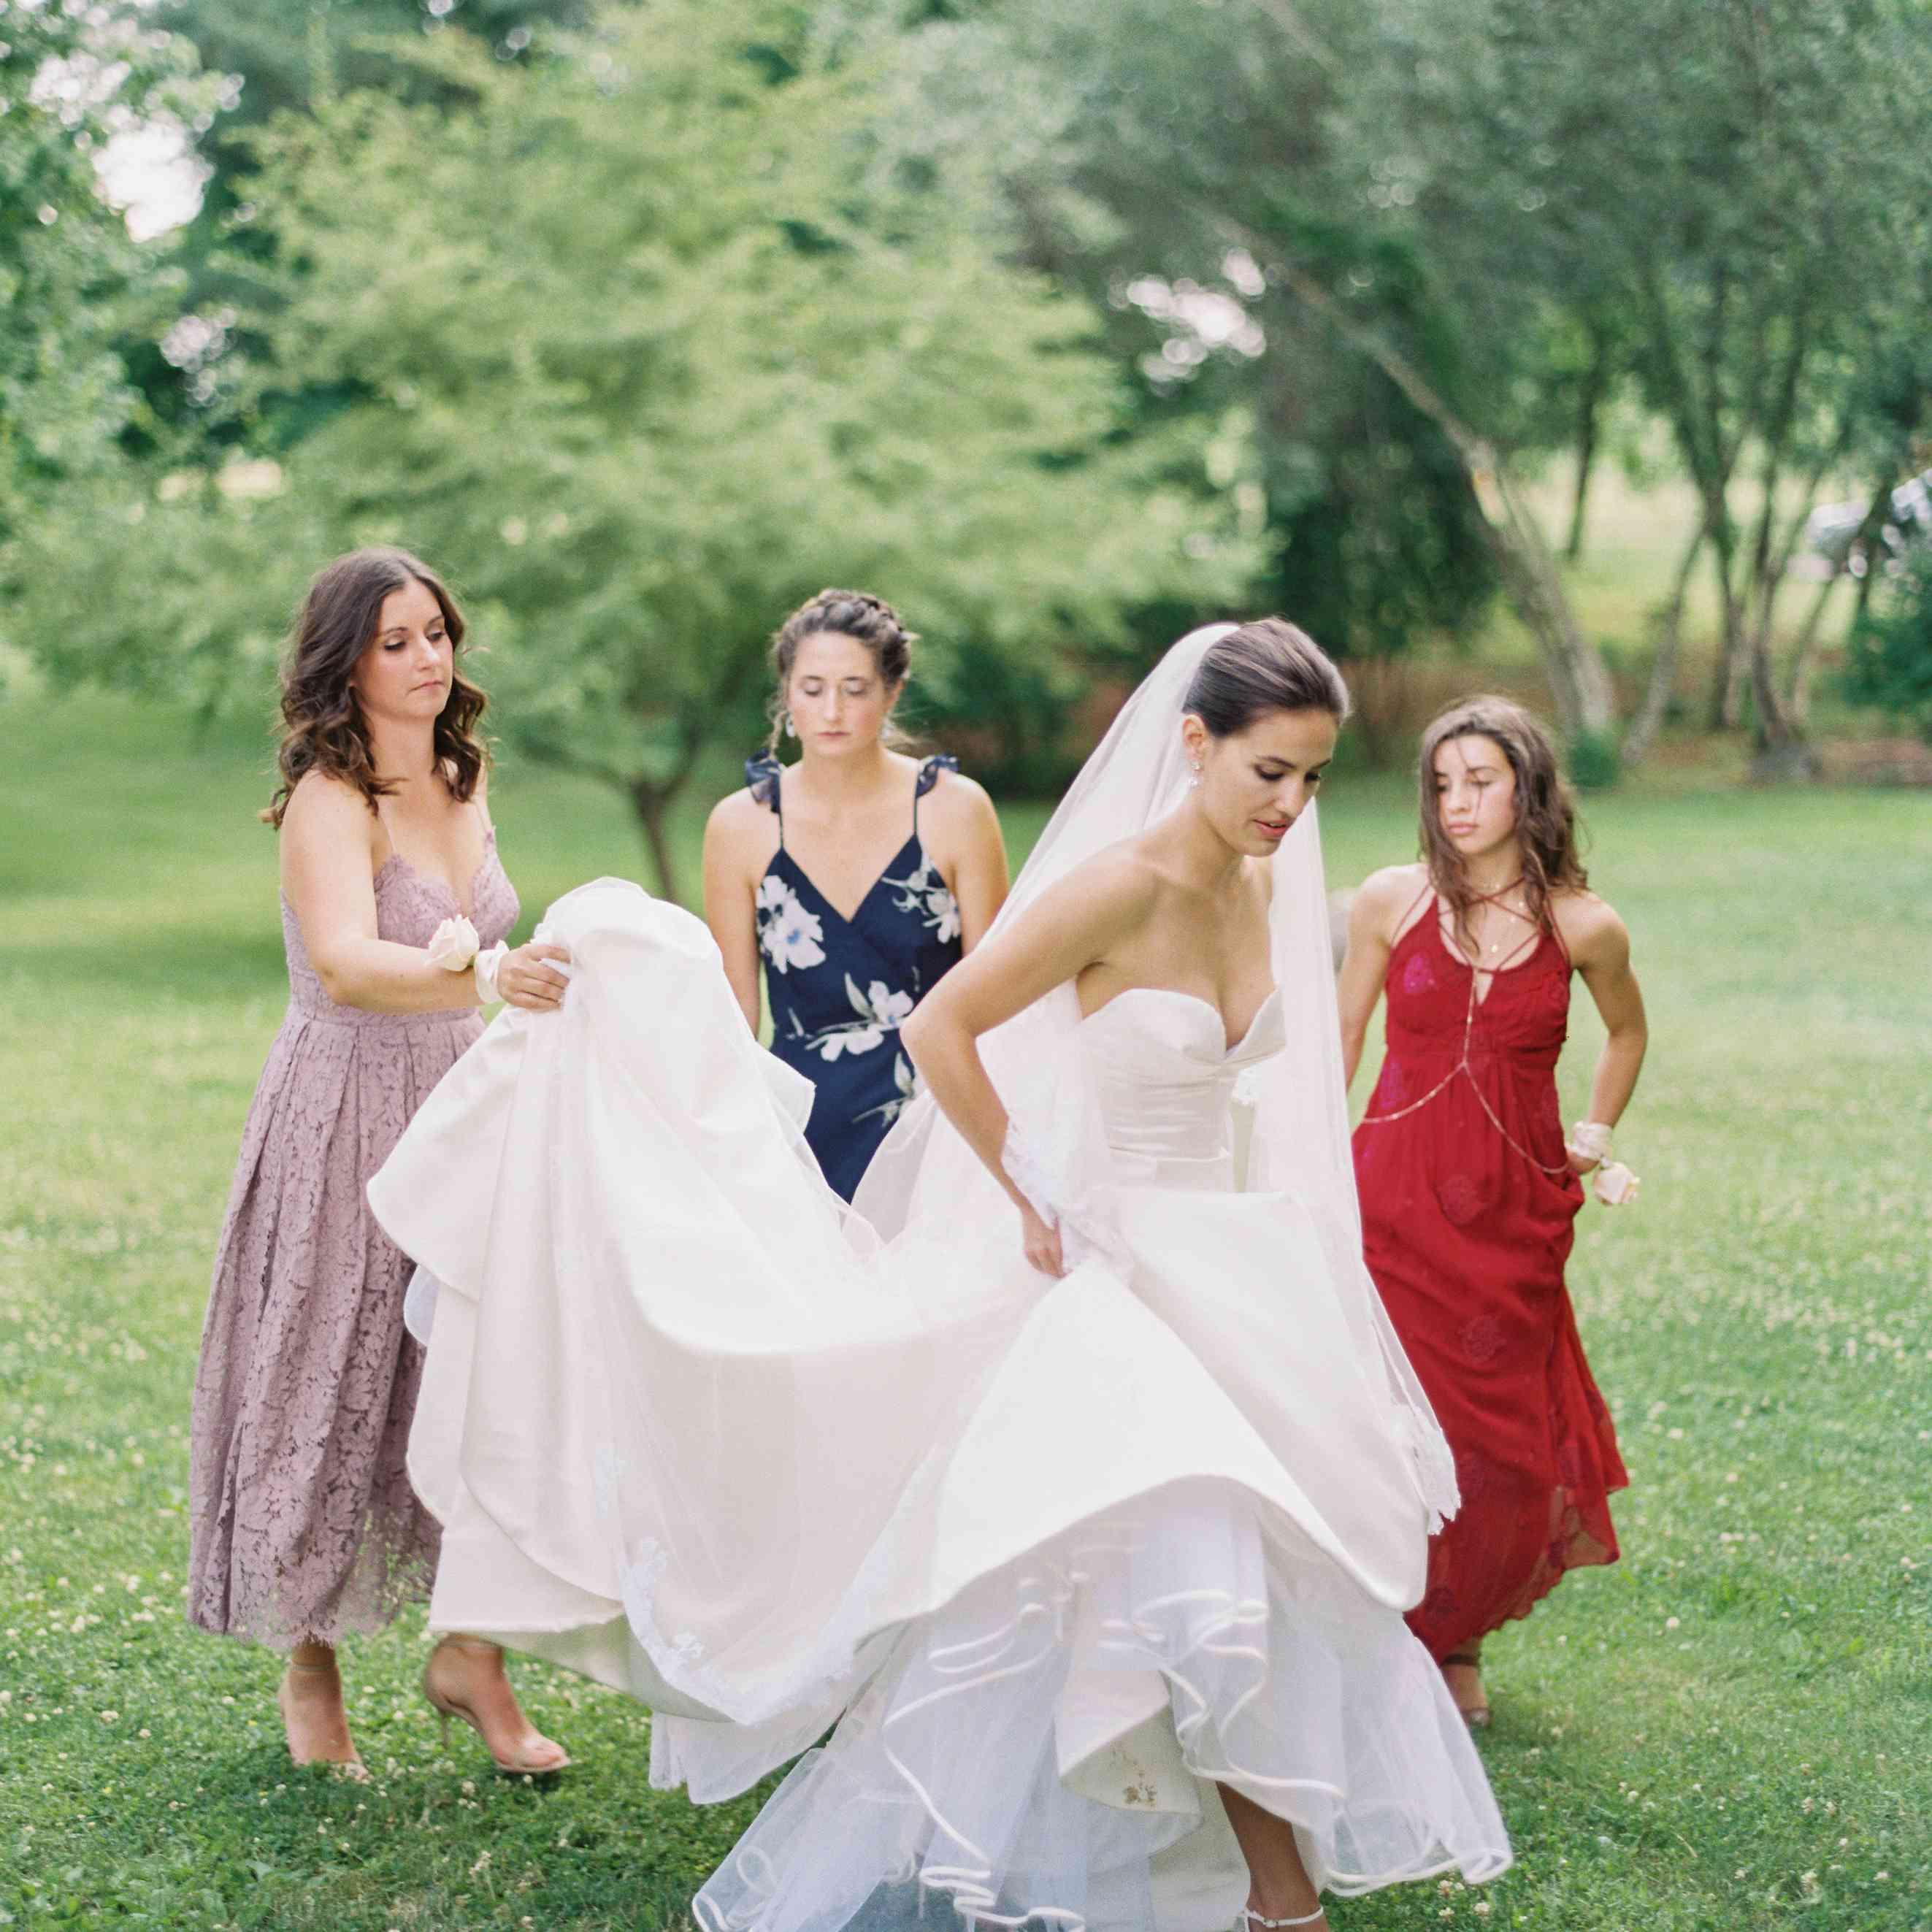 Breanne Racano in Austin Scarlett Wedding Dress